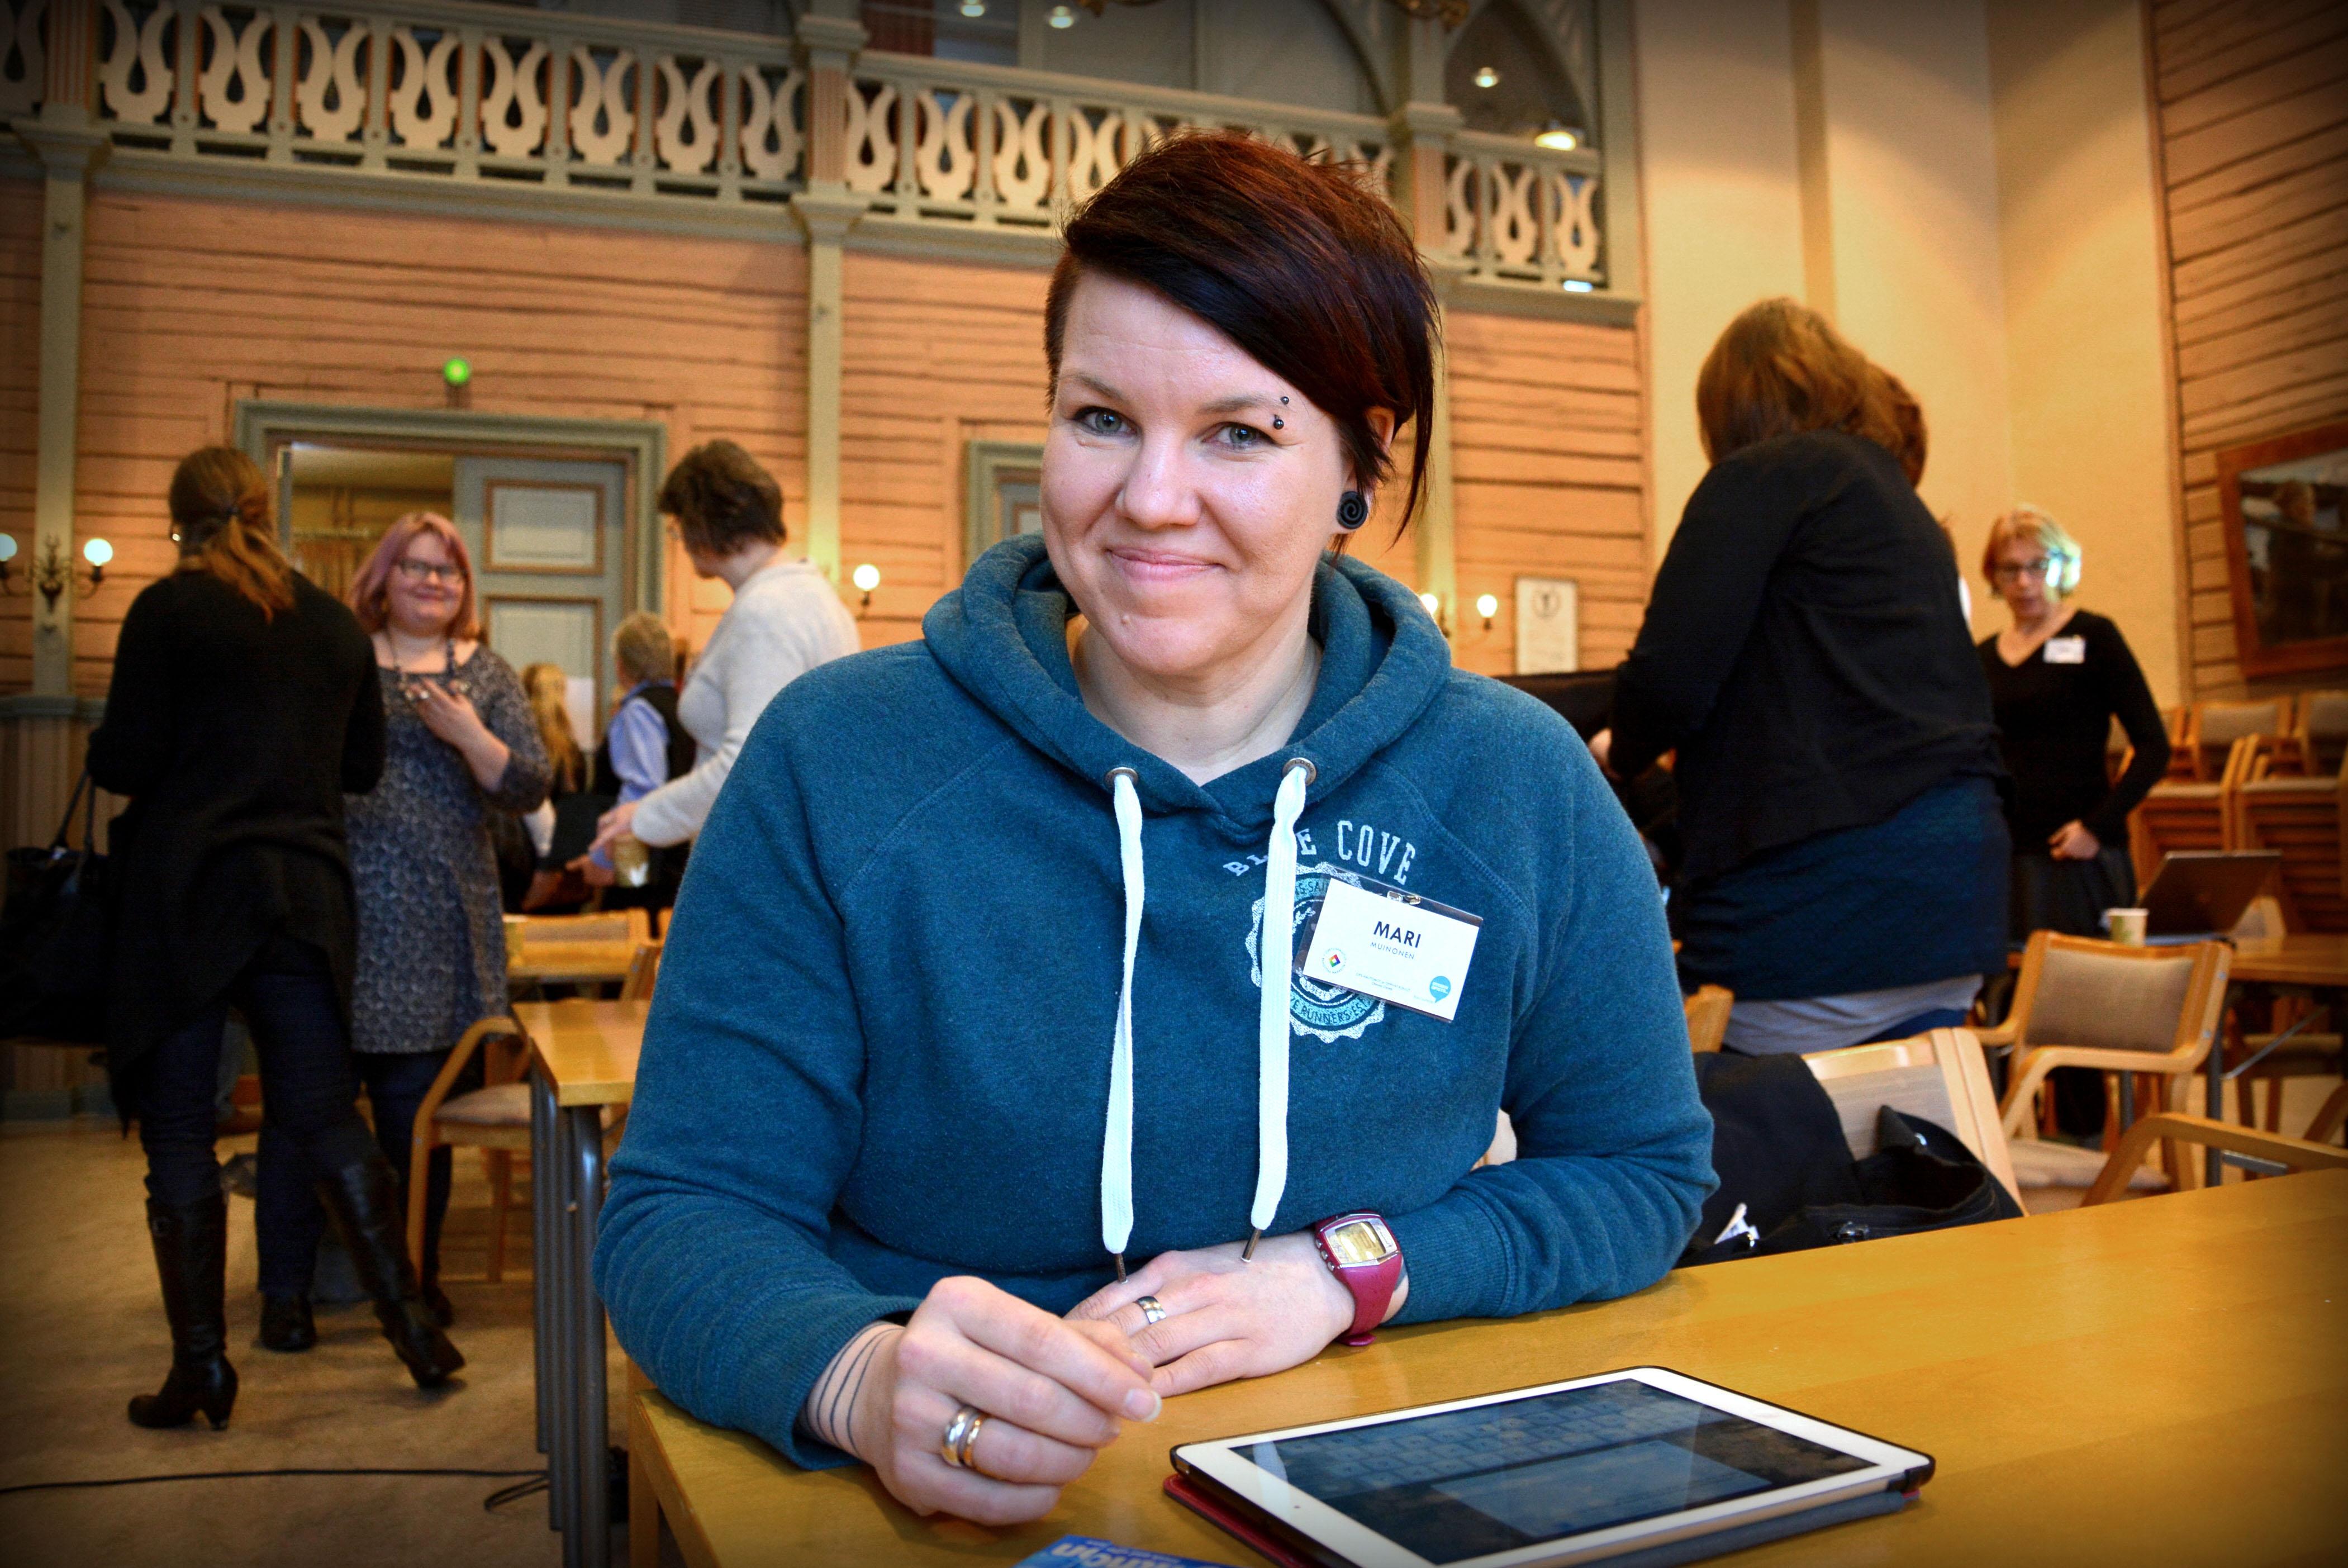 Mari Muinonen kävi esittelemässä opettajille, miten hänen oppilaansa toimivat tieto- ja viestintäteknologian kanssa koulussa.